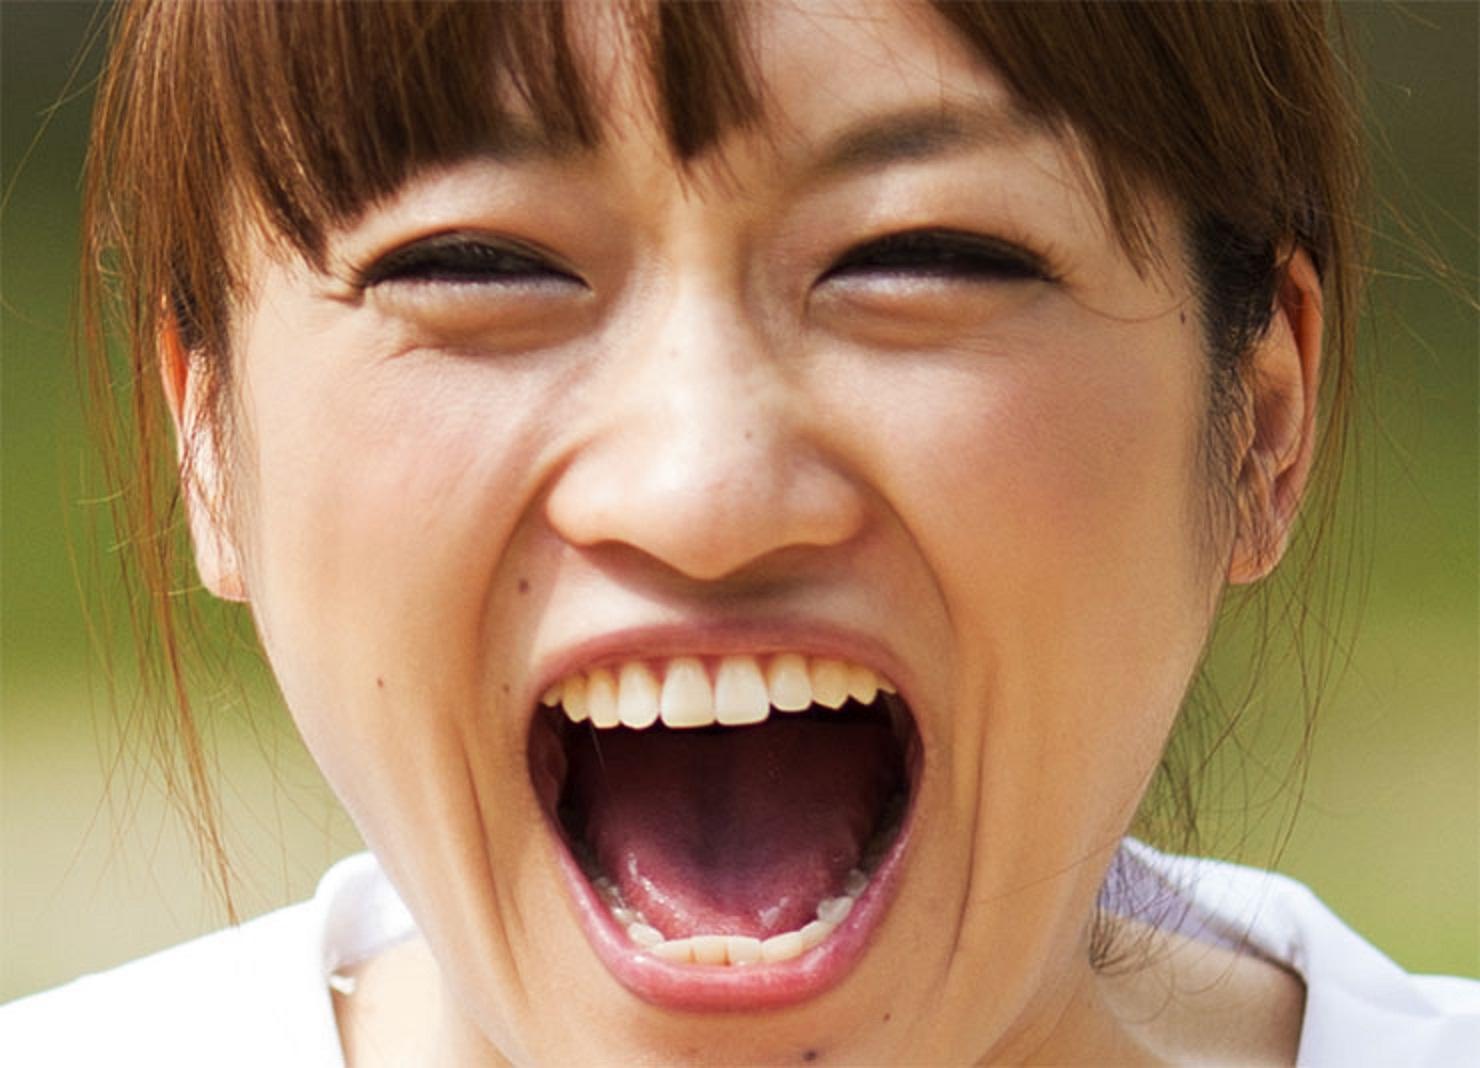 リウマチ改善に大きく役立つ笑いの効果